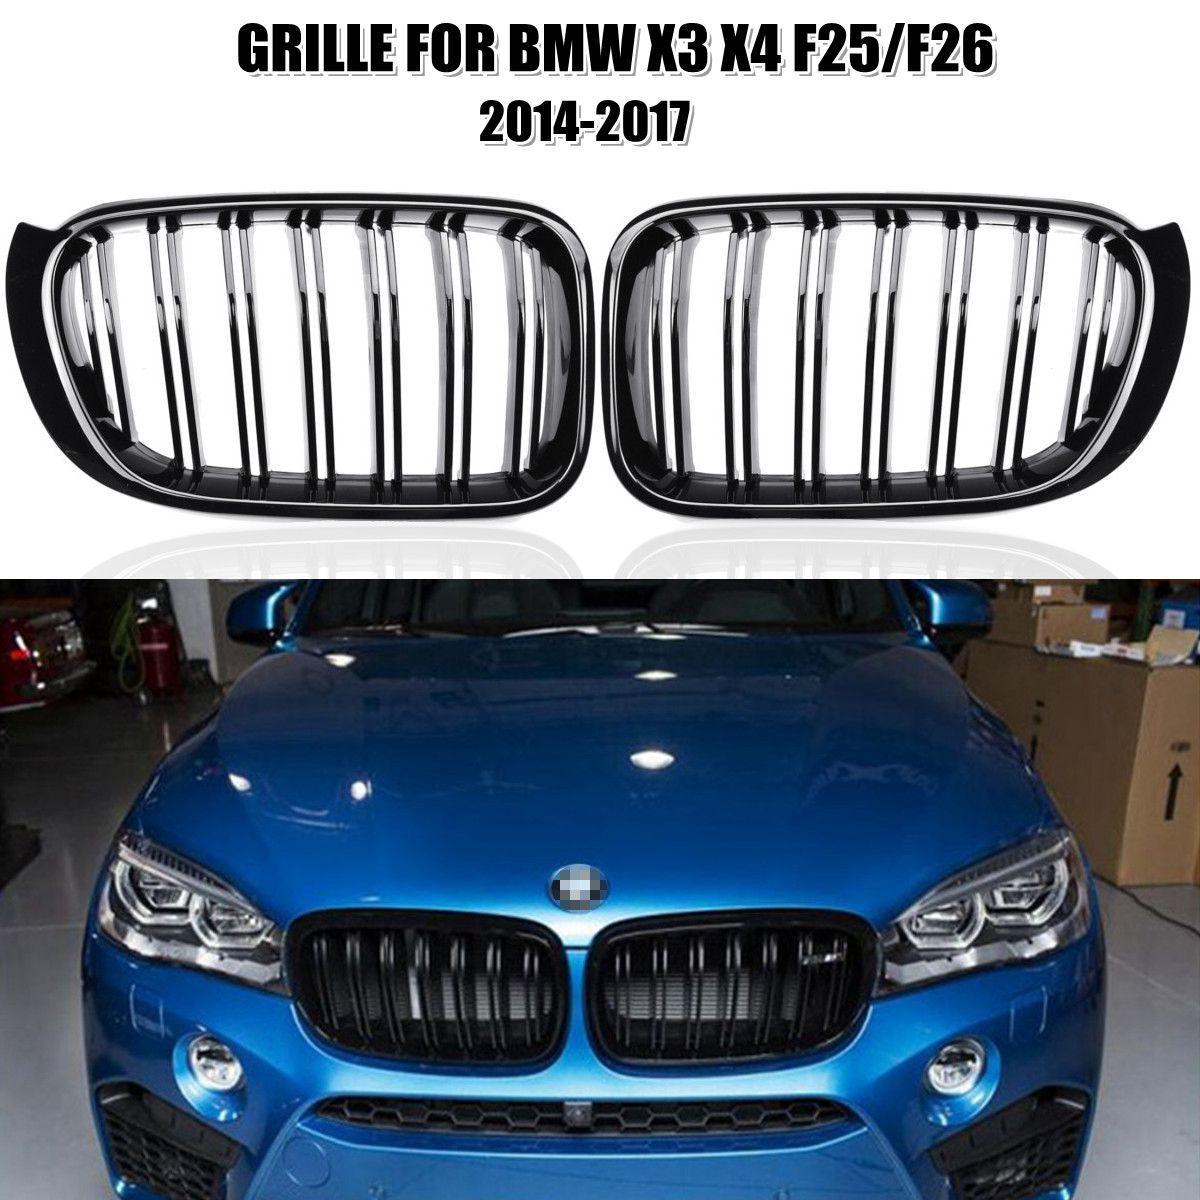 2 шт. M Стиль автомобиля Передняя почек гриль решетка черный глянец для BMW X3 X4 F25/F26 2014 2015 2016 2017